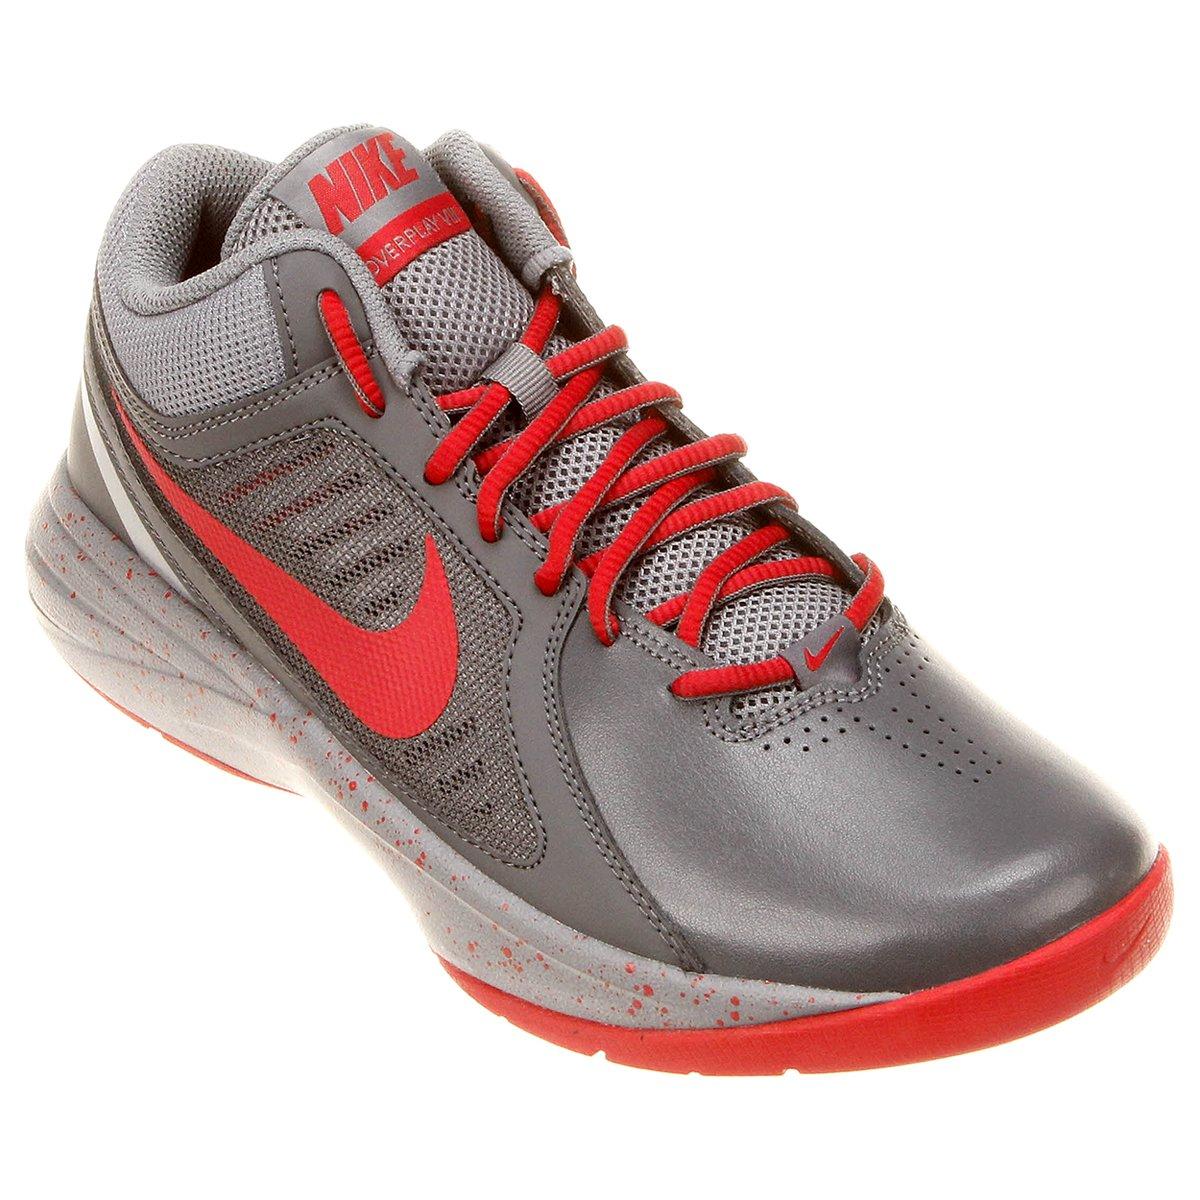 Tênis Nike The Overplay 8 - Compre Agora  b4e02d79964f7